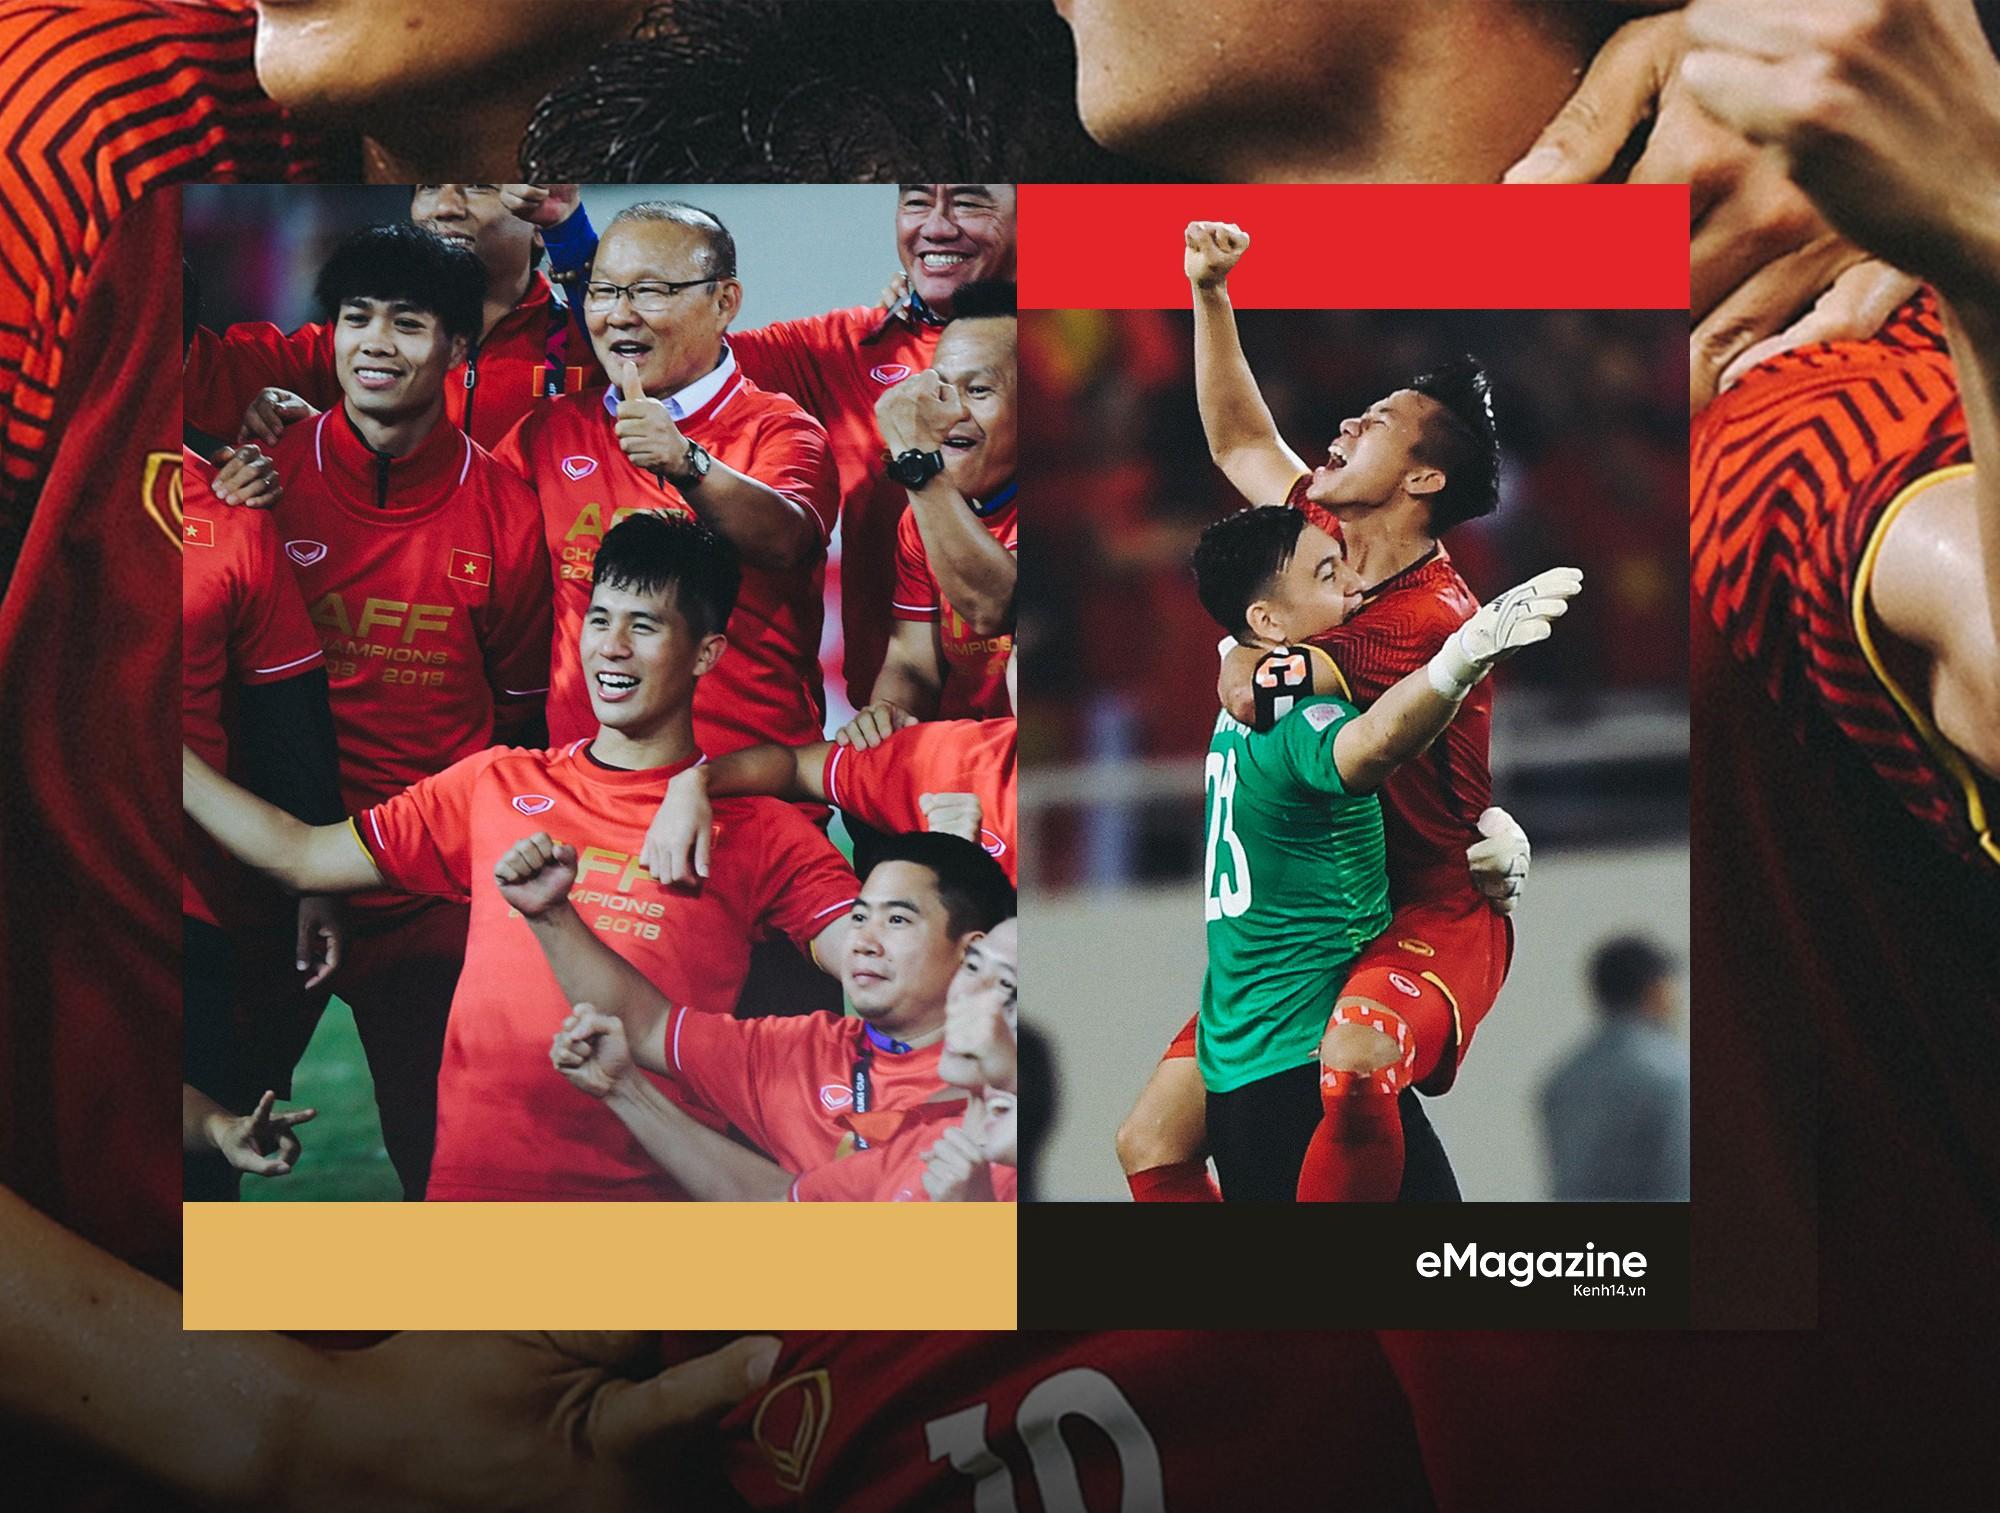 """Đón chờ trận tứ kết Asian Cup trong mơ: """"Với lứa cầu thủ trẻ này, giới hạn của họ có lẽ là bầu trời"""" - Ảnh 6."""